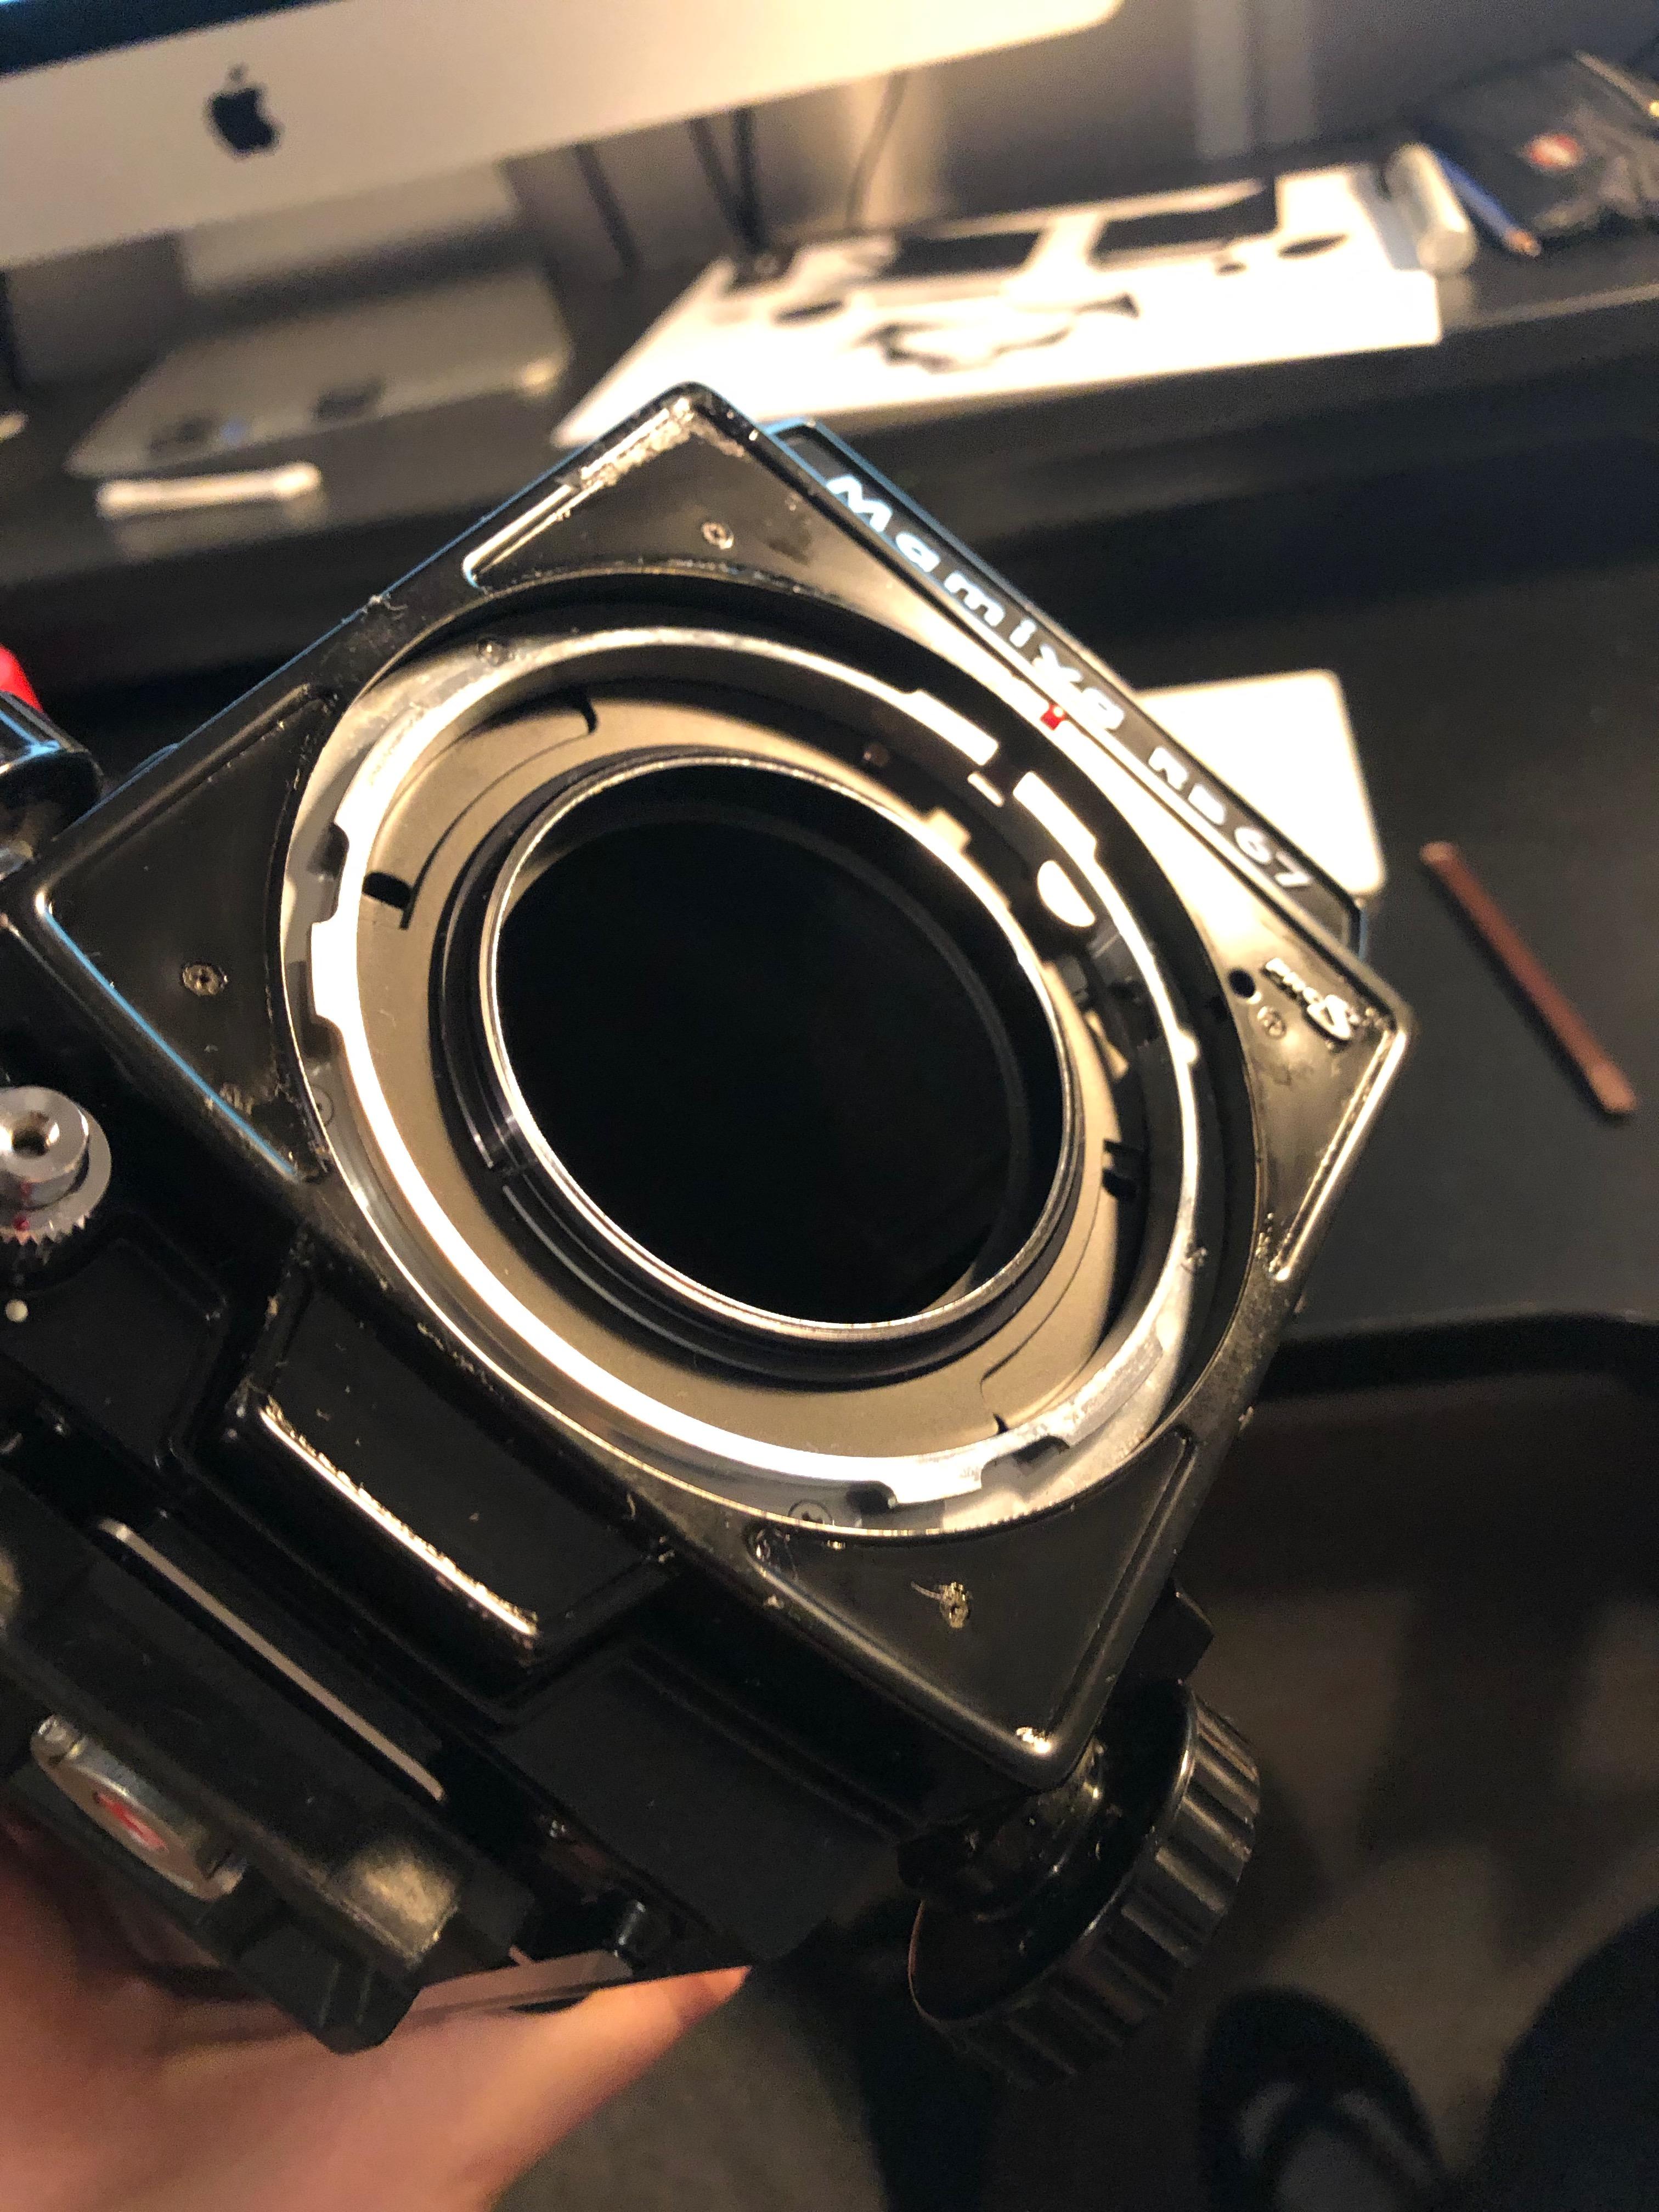 mamiya-rb67-restoration-medium-format-camera-light-seals-leather-145